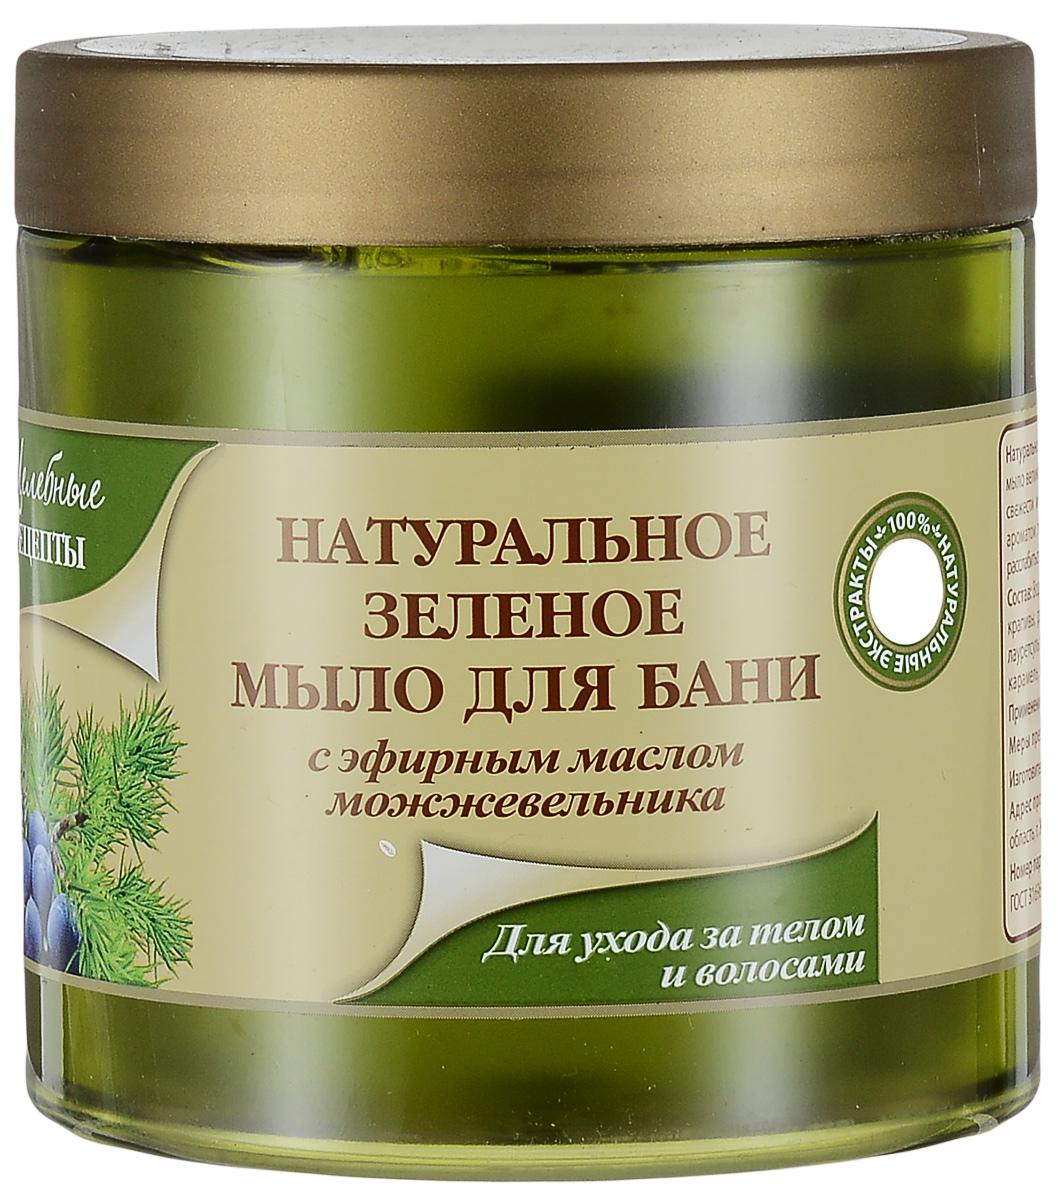 Целебные Рецепты Натуральное Зеленое мыло для бани для ухода за телом и волосами 500 мл.2700000001028_нов.дизайнНатуральное таежное зеленое мыло, разработанное на основе естественных сапонинов, содержащихся в мыльном корне, обогащено экстрактами хвоща, крапивы, багульника болотного. Благодаря высокому содержанию масел пихты, сосны, кедрового ореха при использовании мыла создается эффект ароматерапии, который усиливается при применении мыла в бане. Все экстракты и масла полезны как для тела, так и для волос, благодаря чему наше мыло можно использовать как гель для душа и как шампунь для волос.